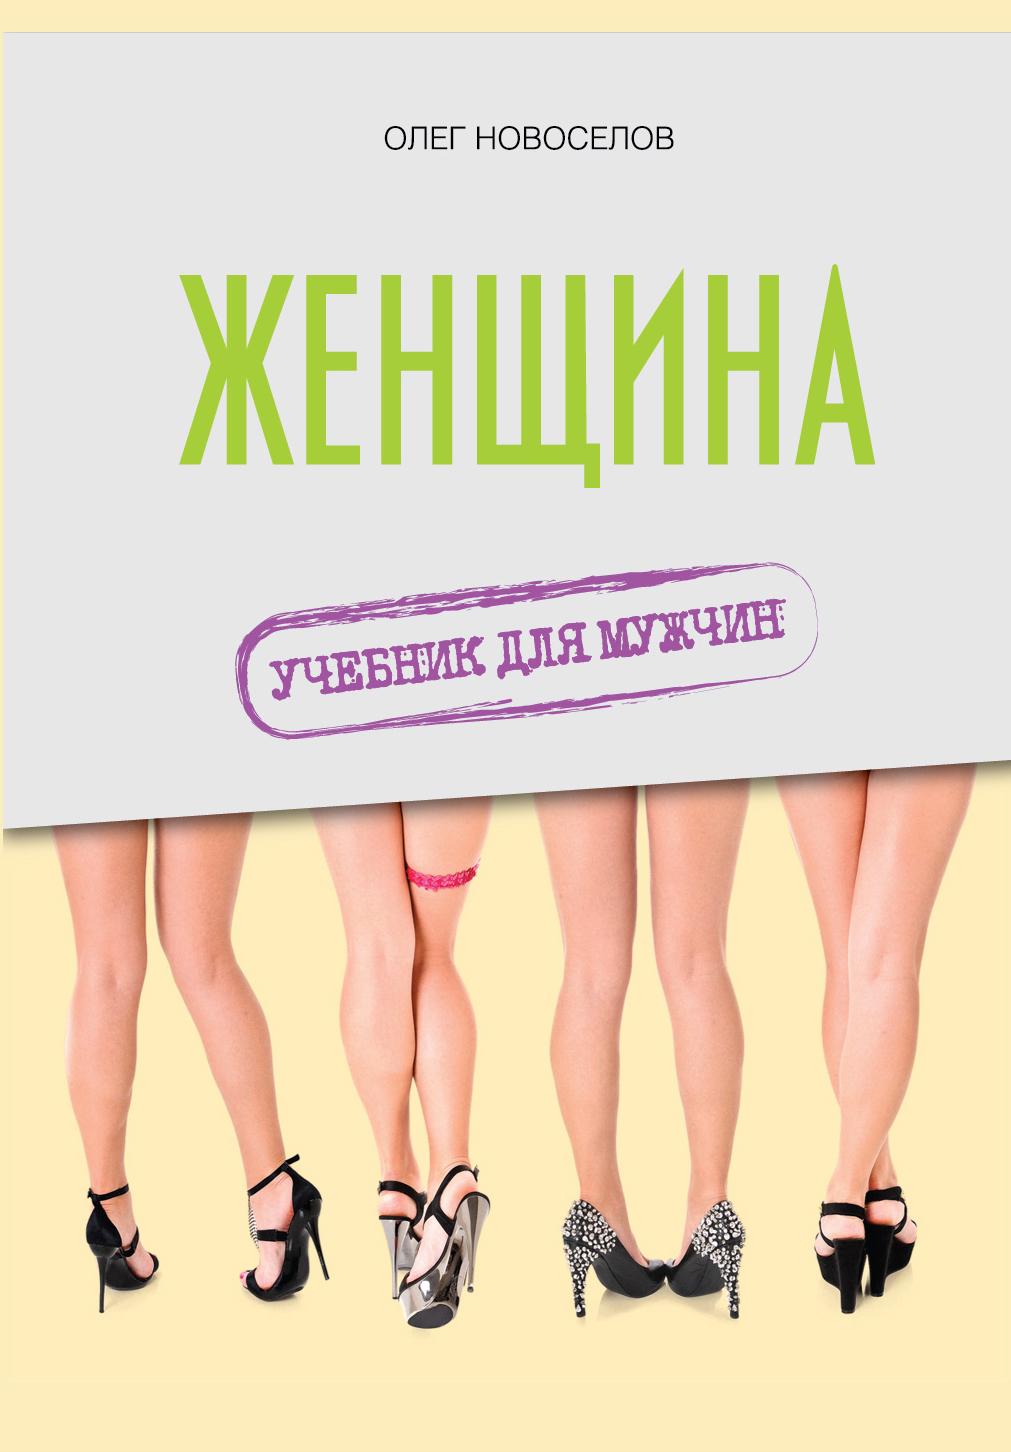 Олег Новоселов. Женщина: учебник для мужчин